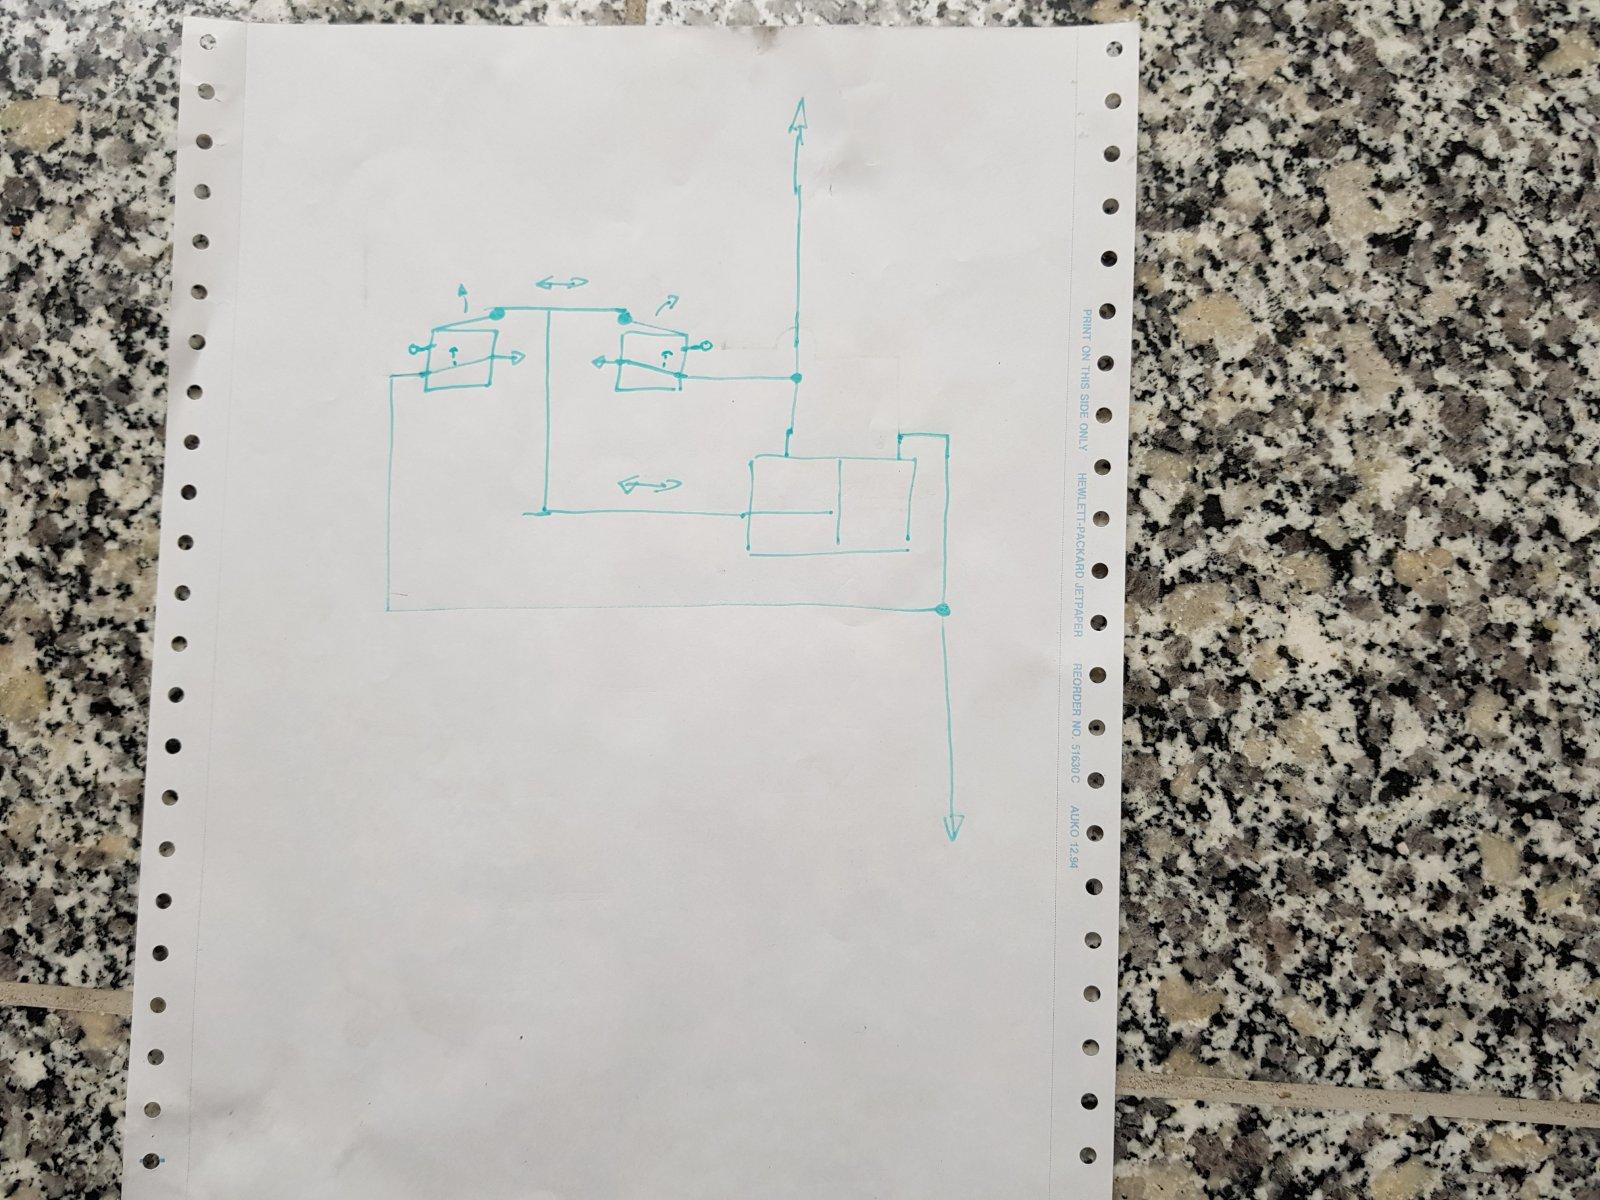 dobble_valve1.jpg